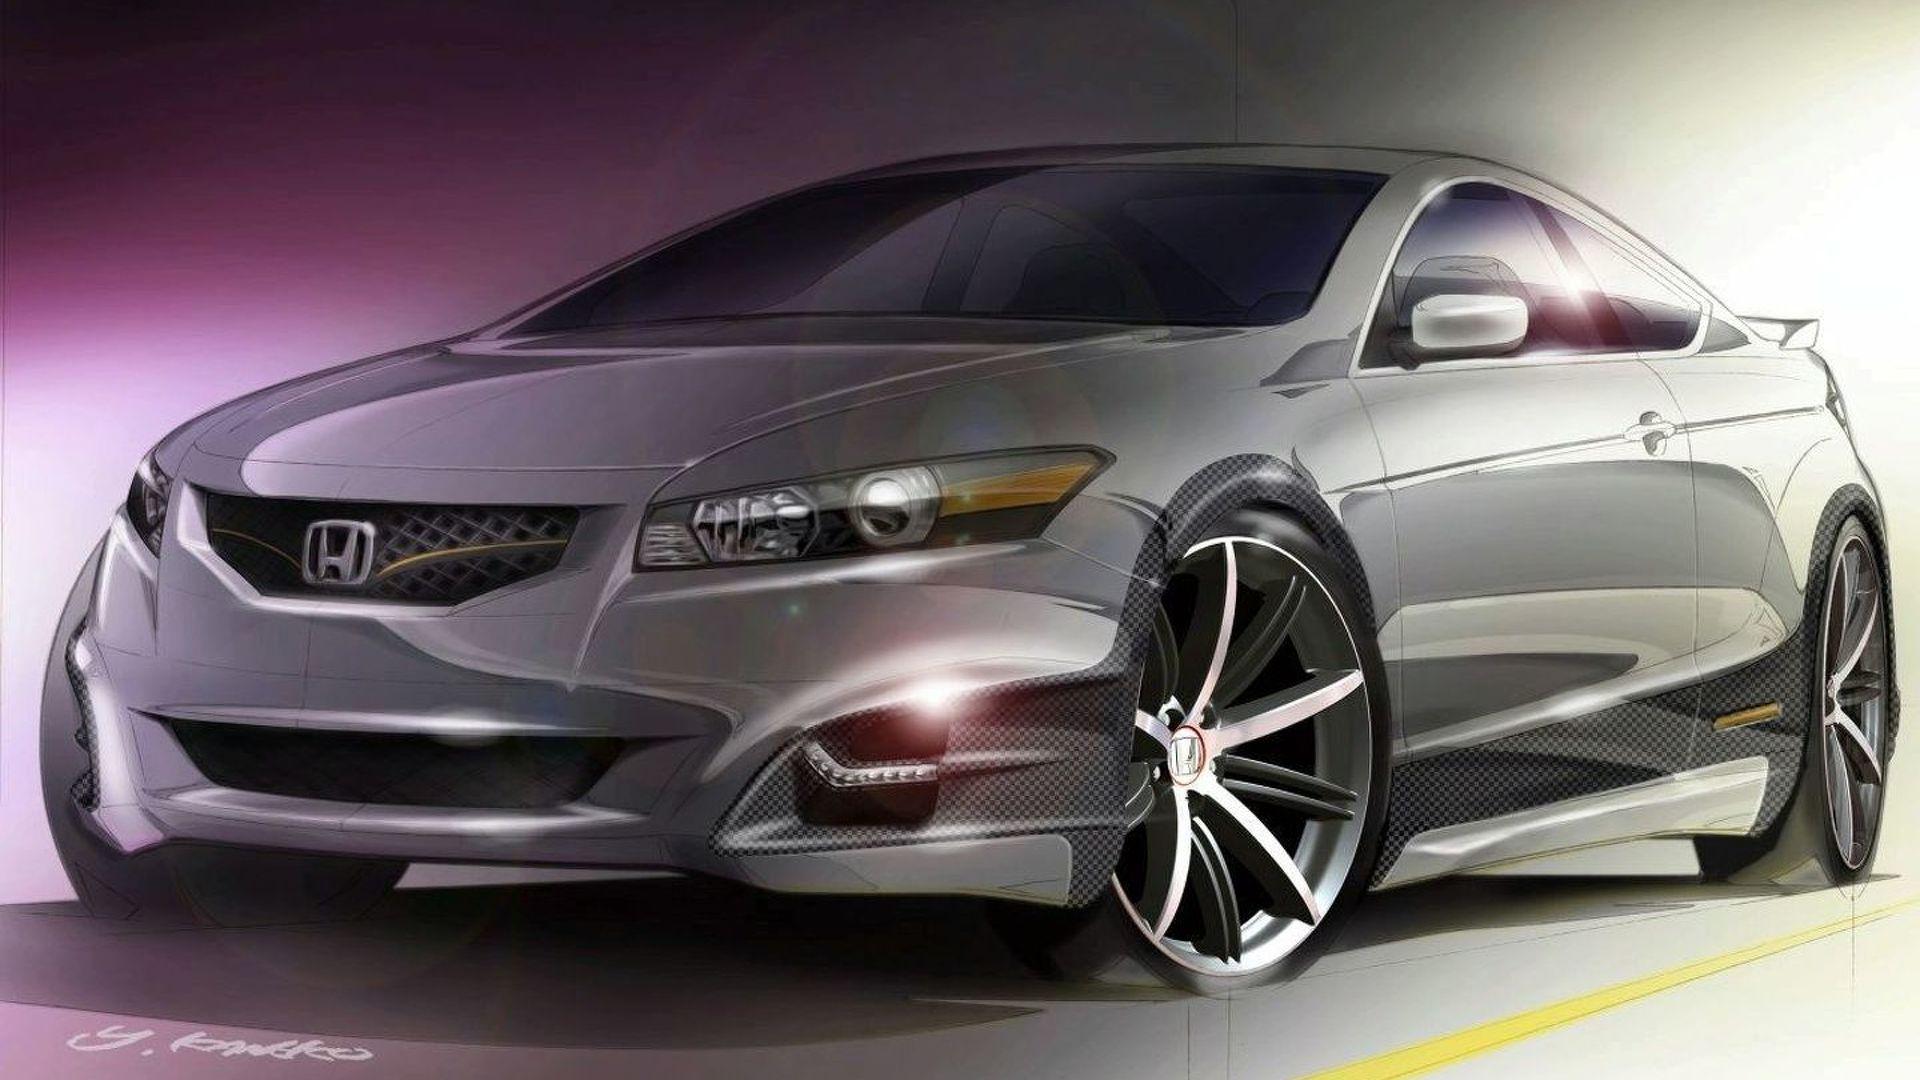 Honda Accord Concepts at SEMA